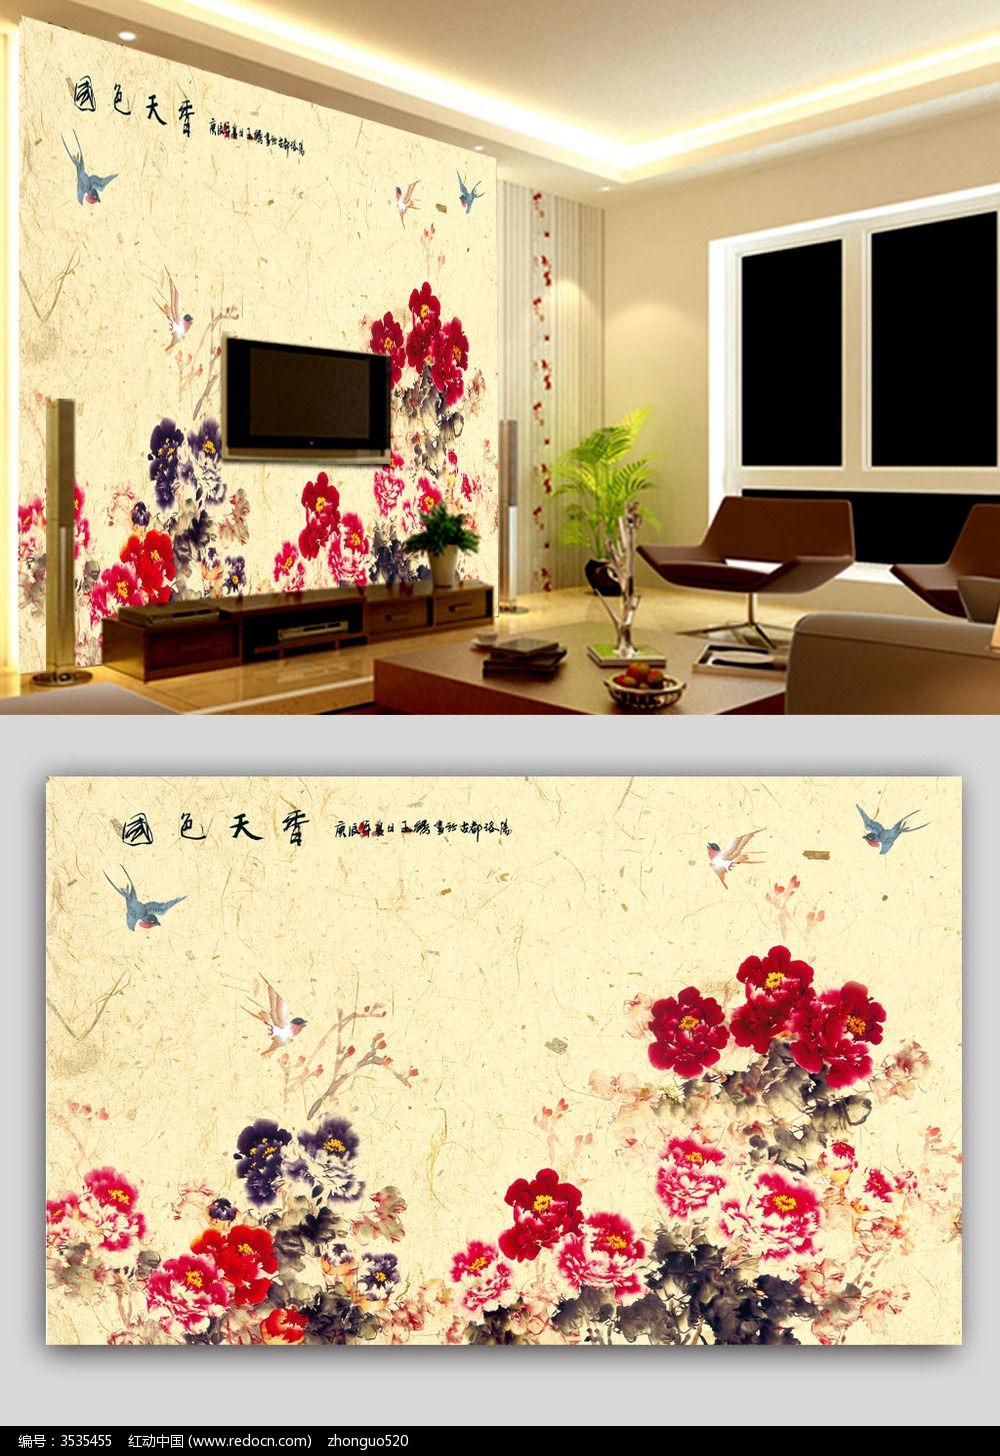 中式背景 绘画 手绘